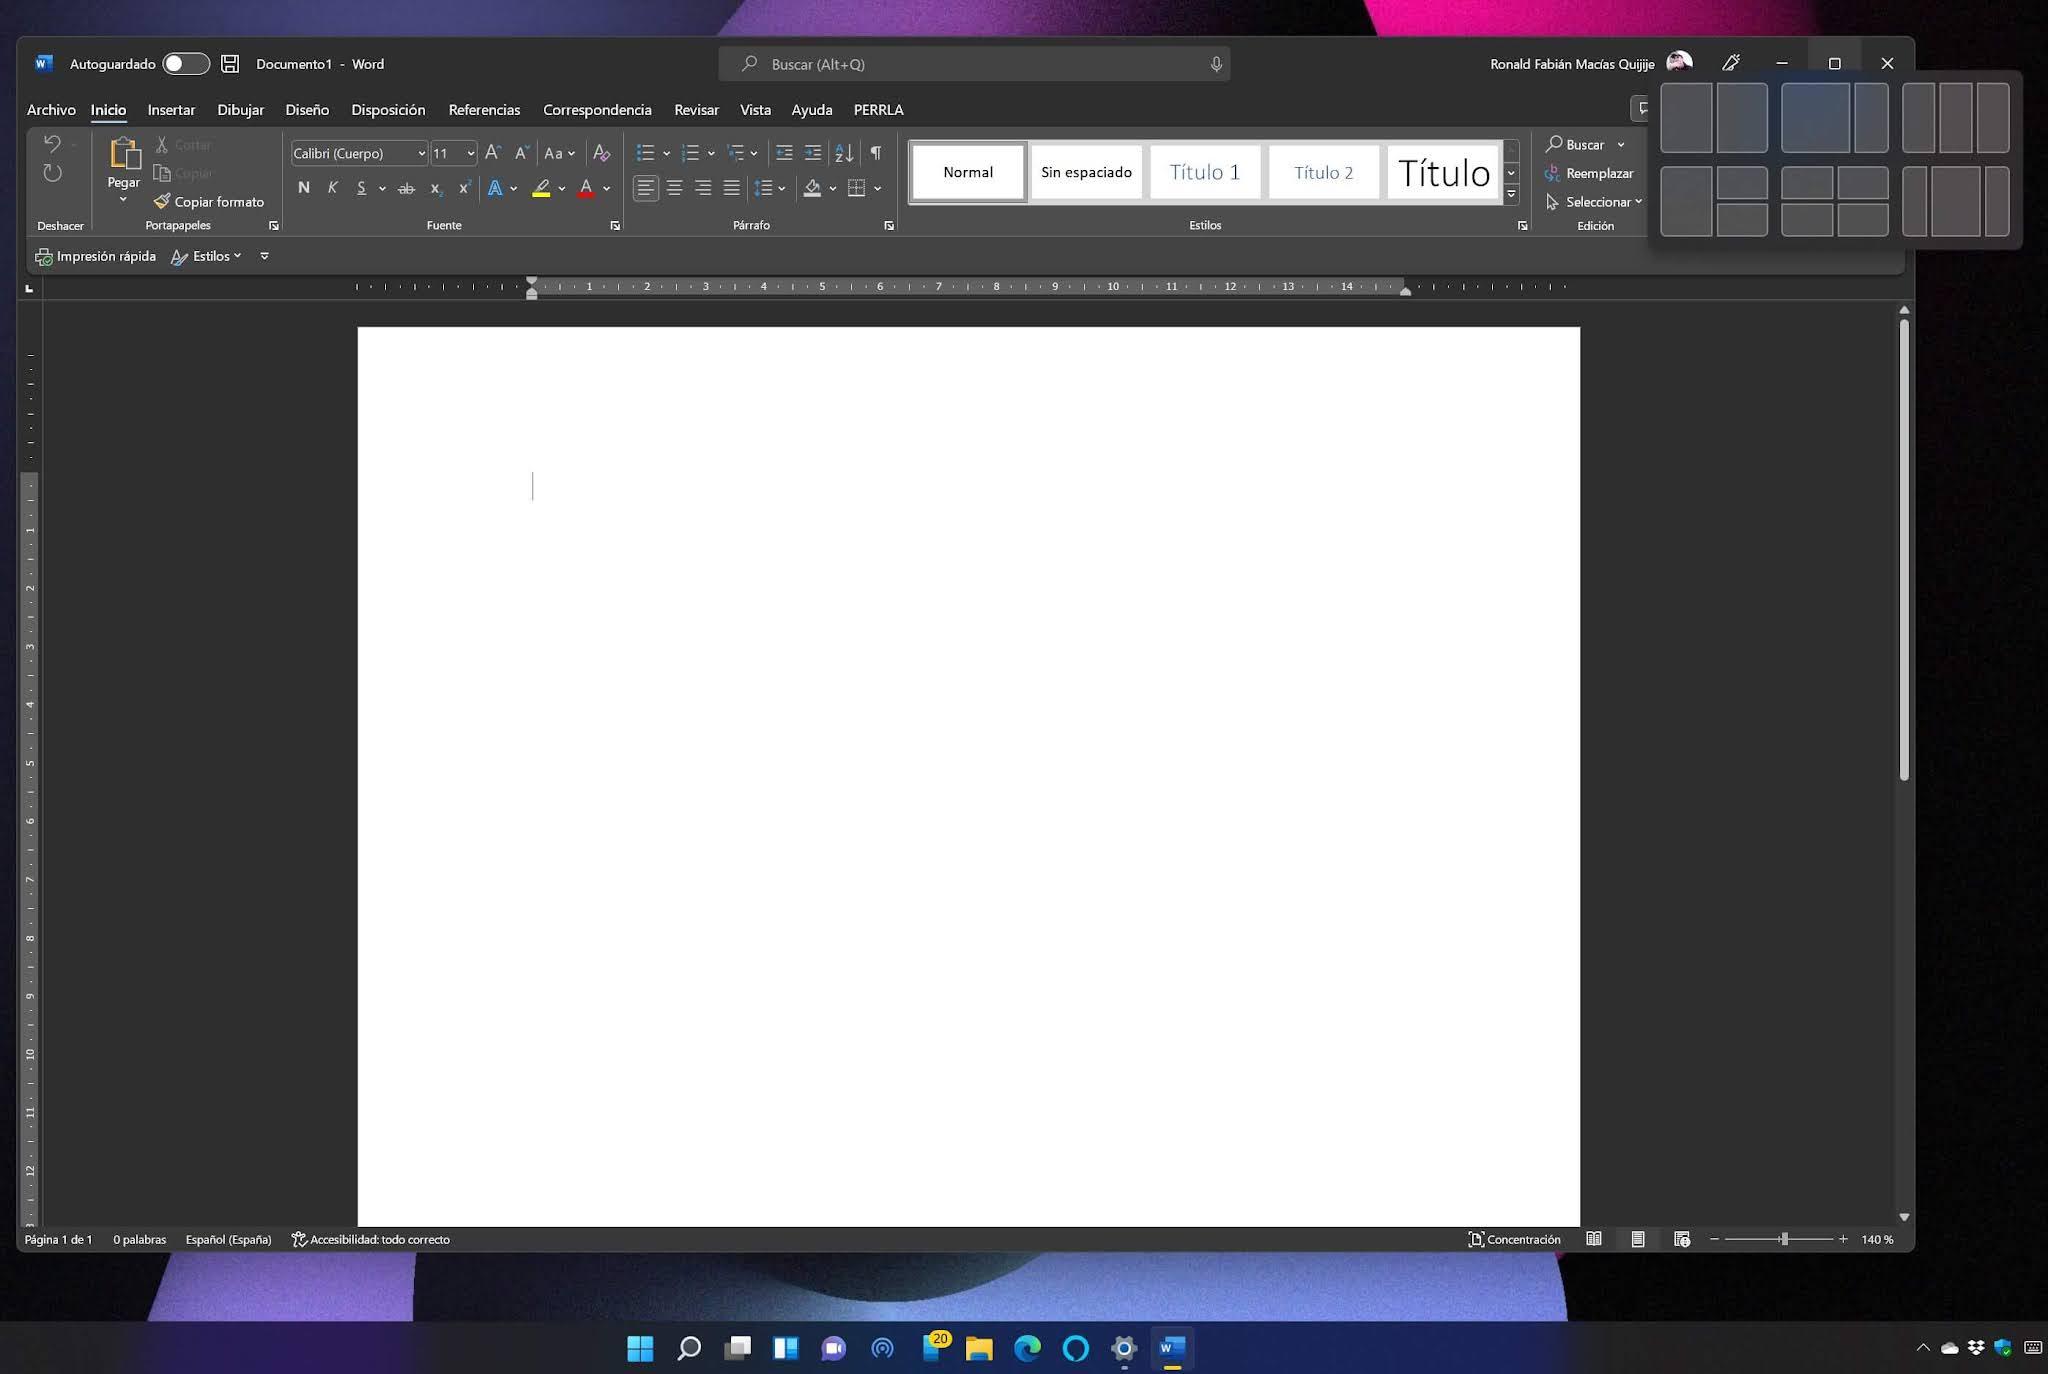 Snap Windows 11